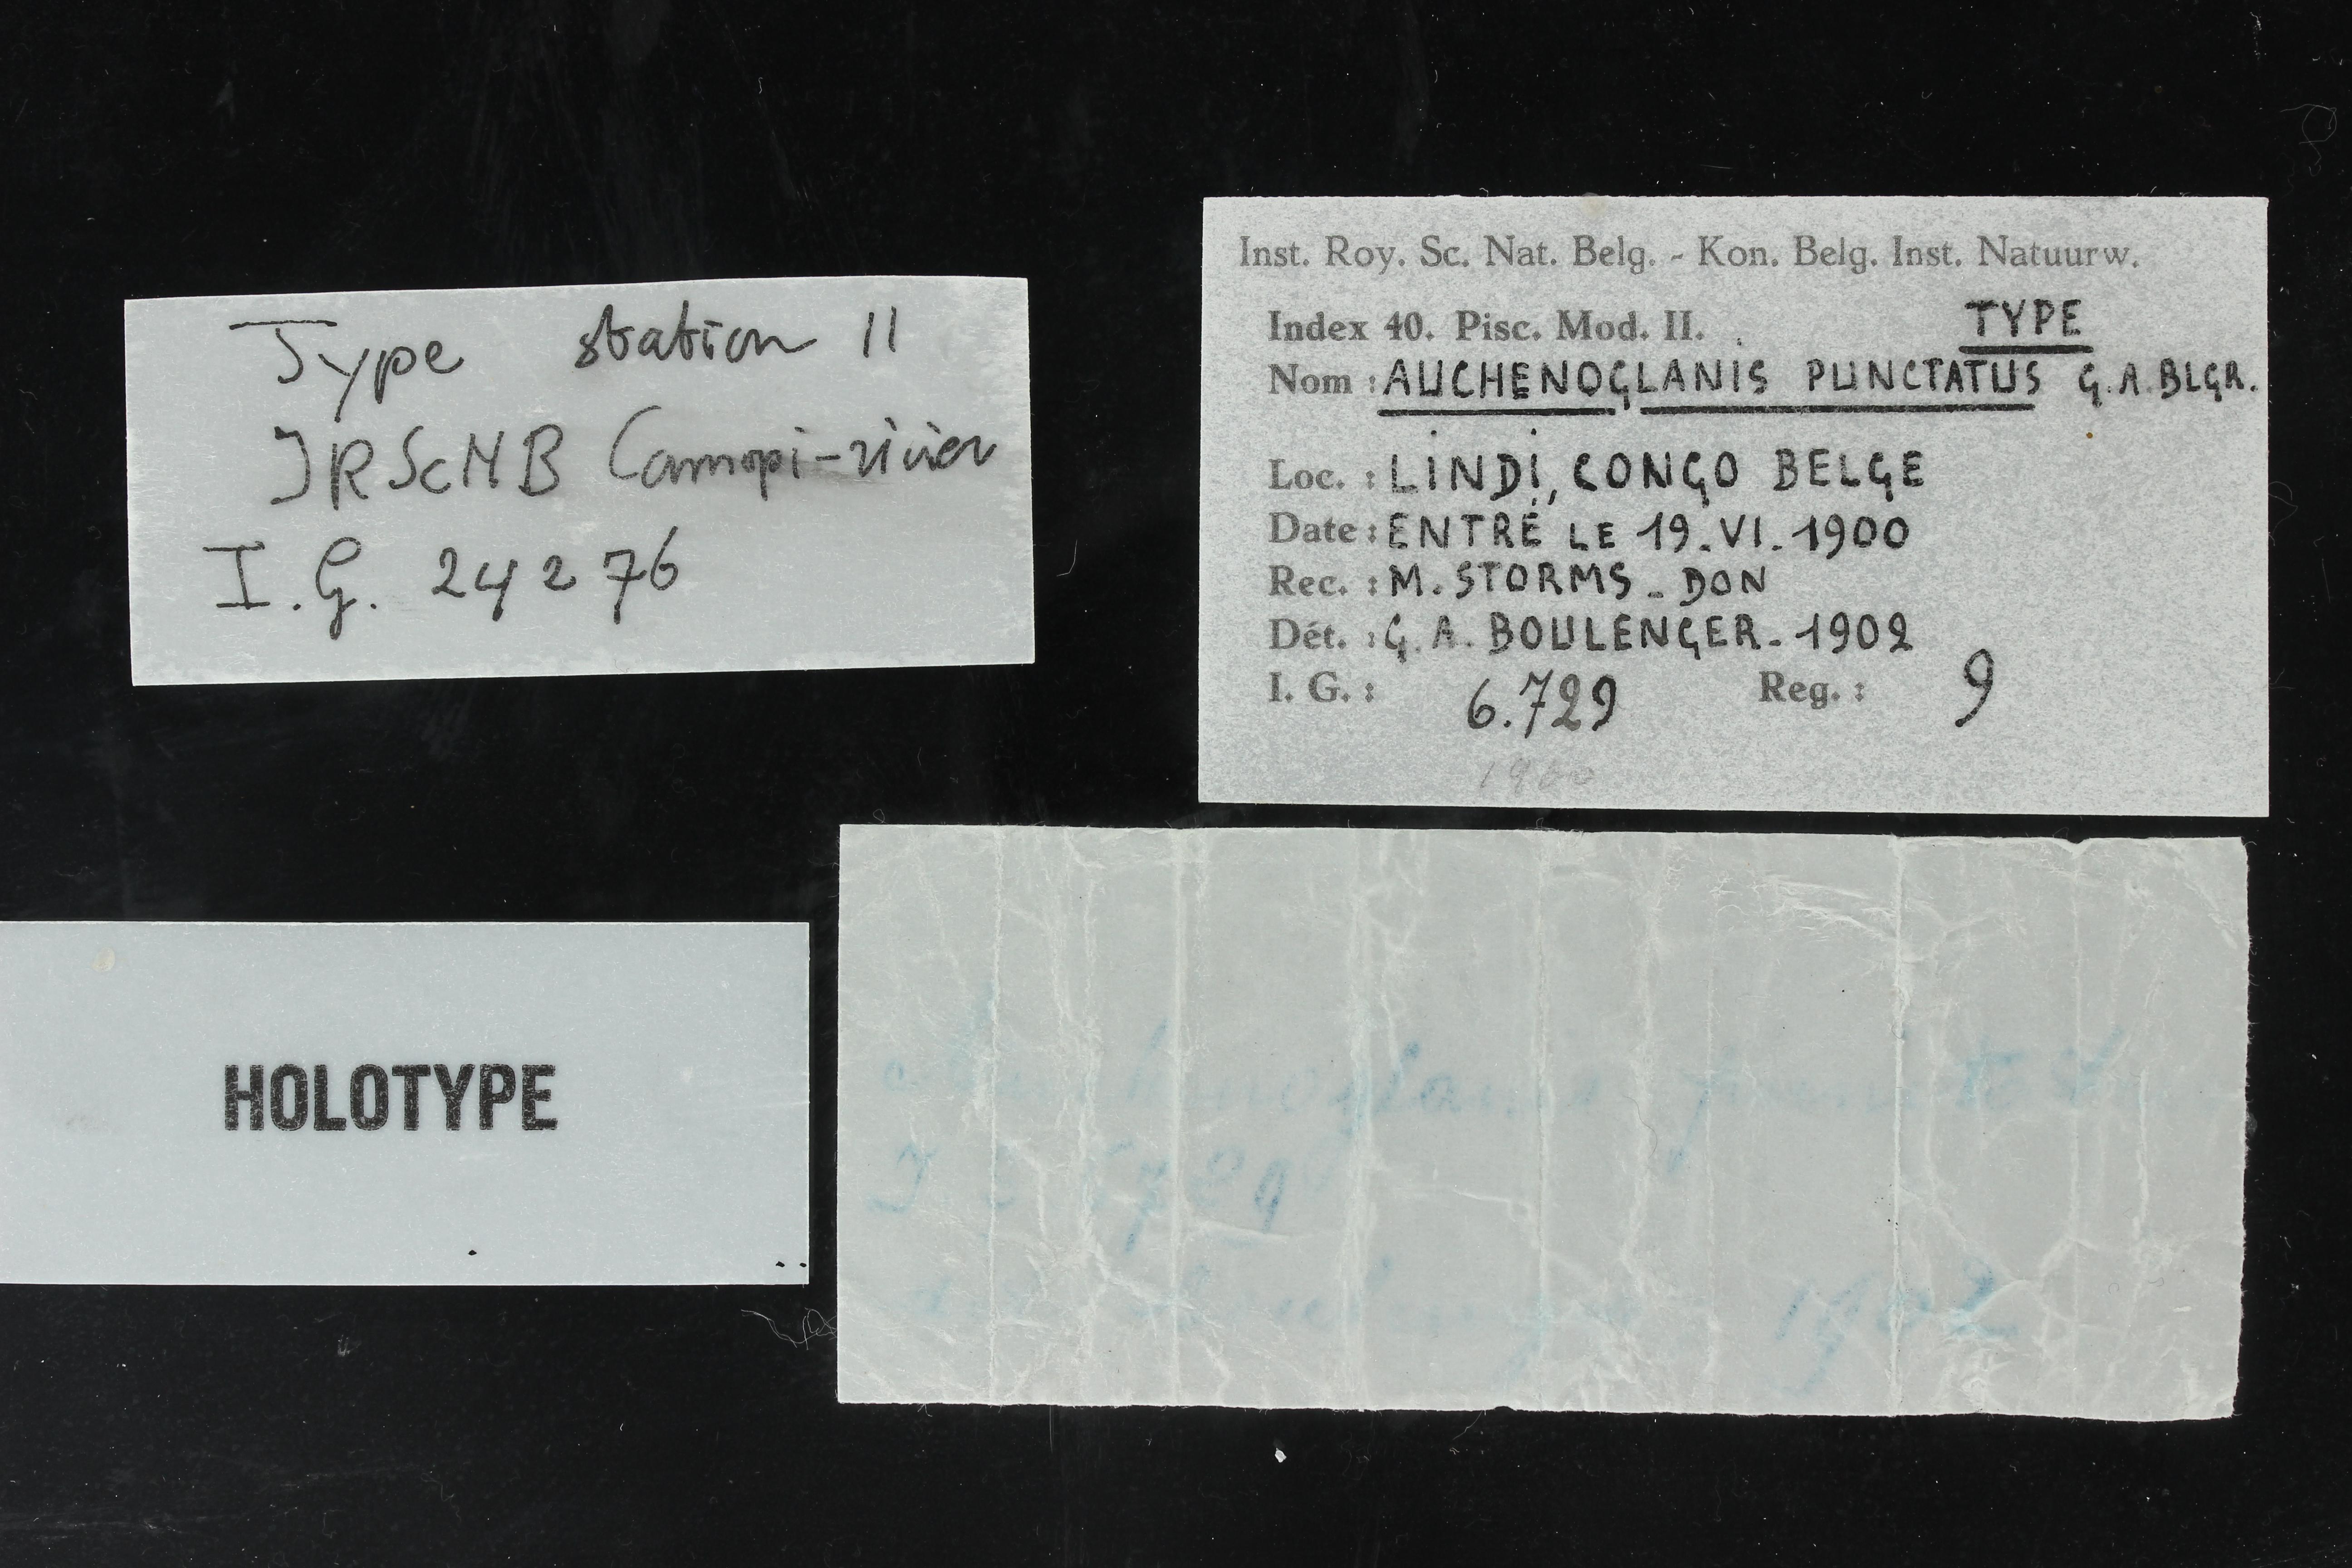 9 Auchenoglanis punctatus 6729 ticket.JPG